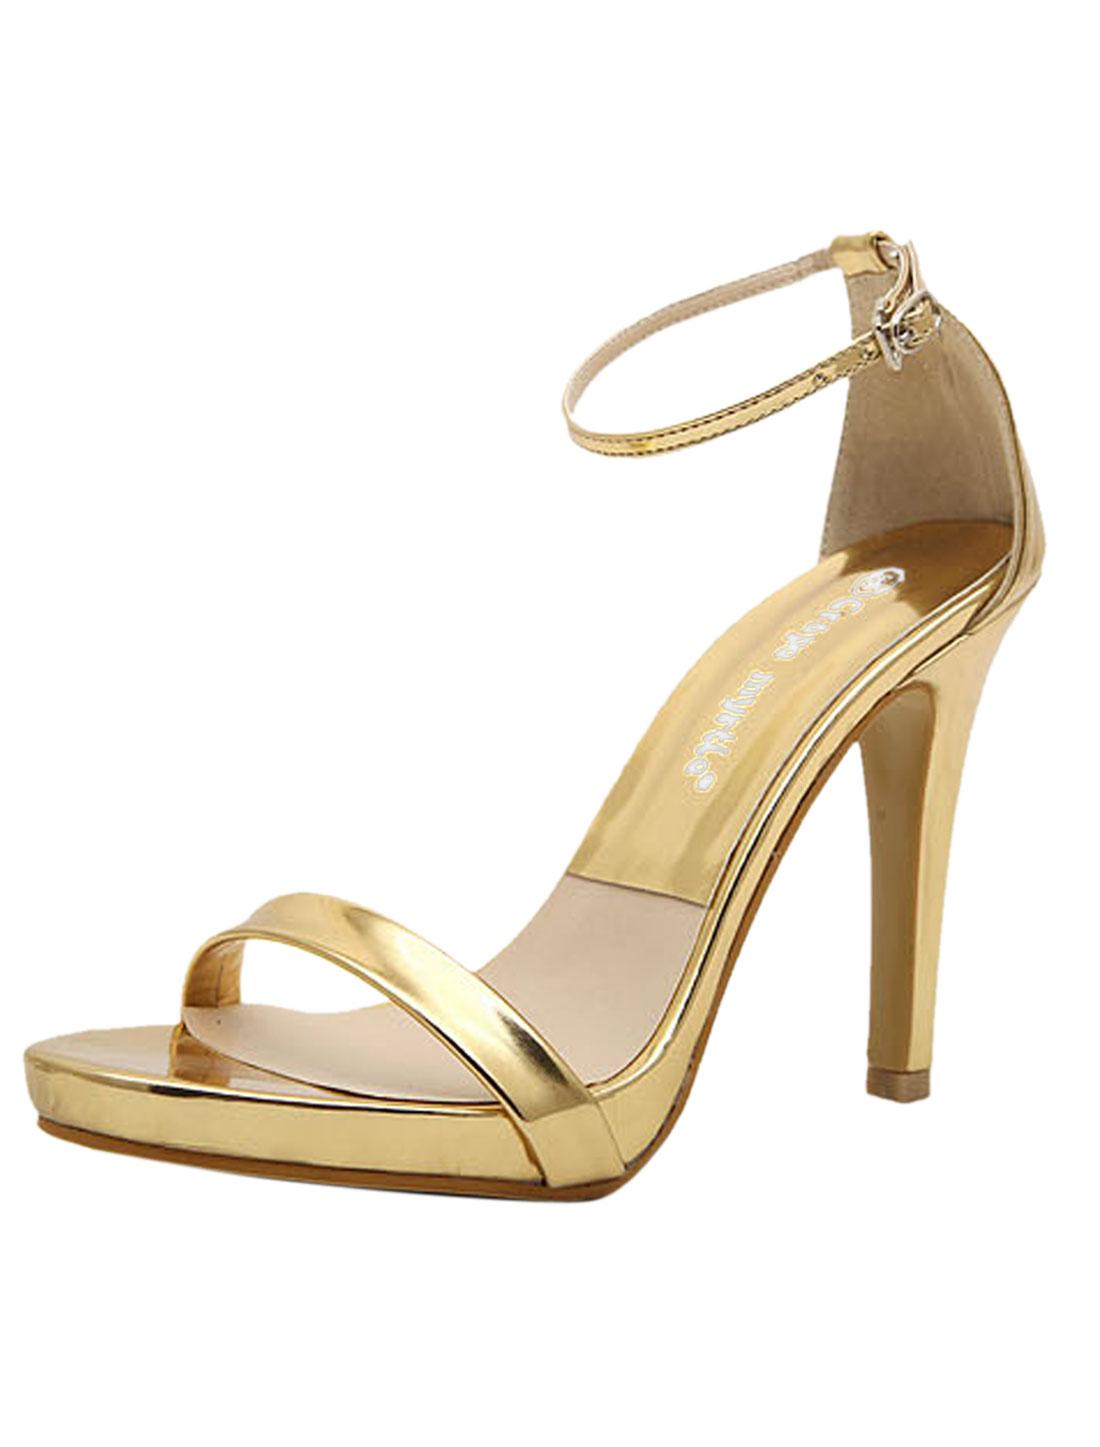 Ladies Open Toe High Heels Strappy Sandals Golden Tone US 7.5